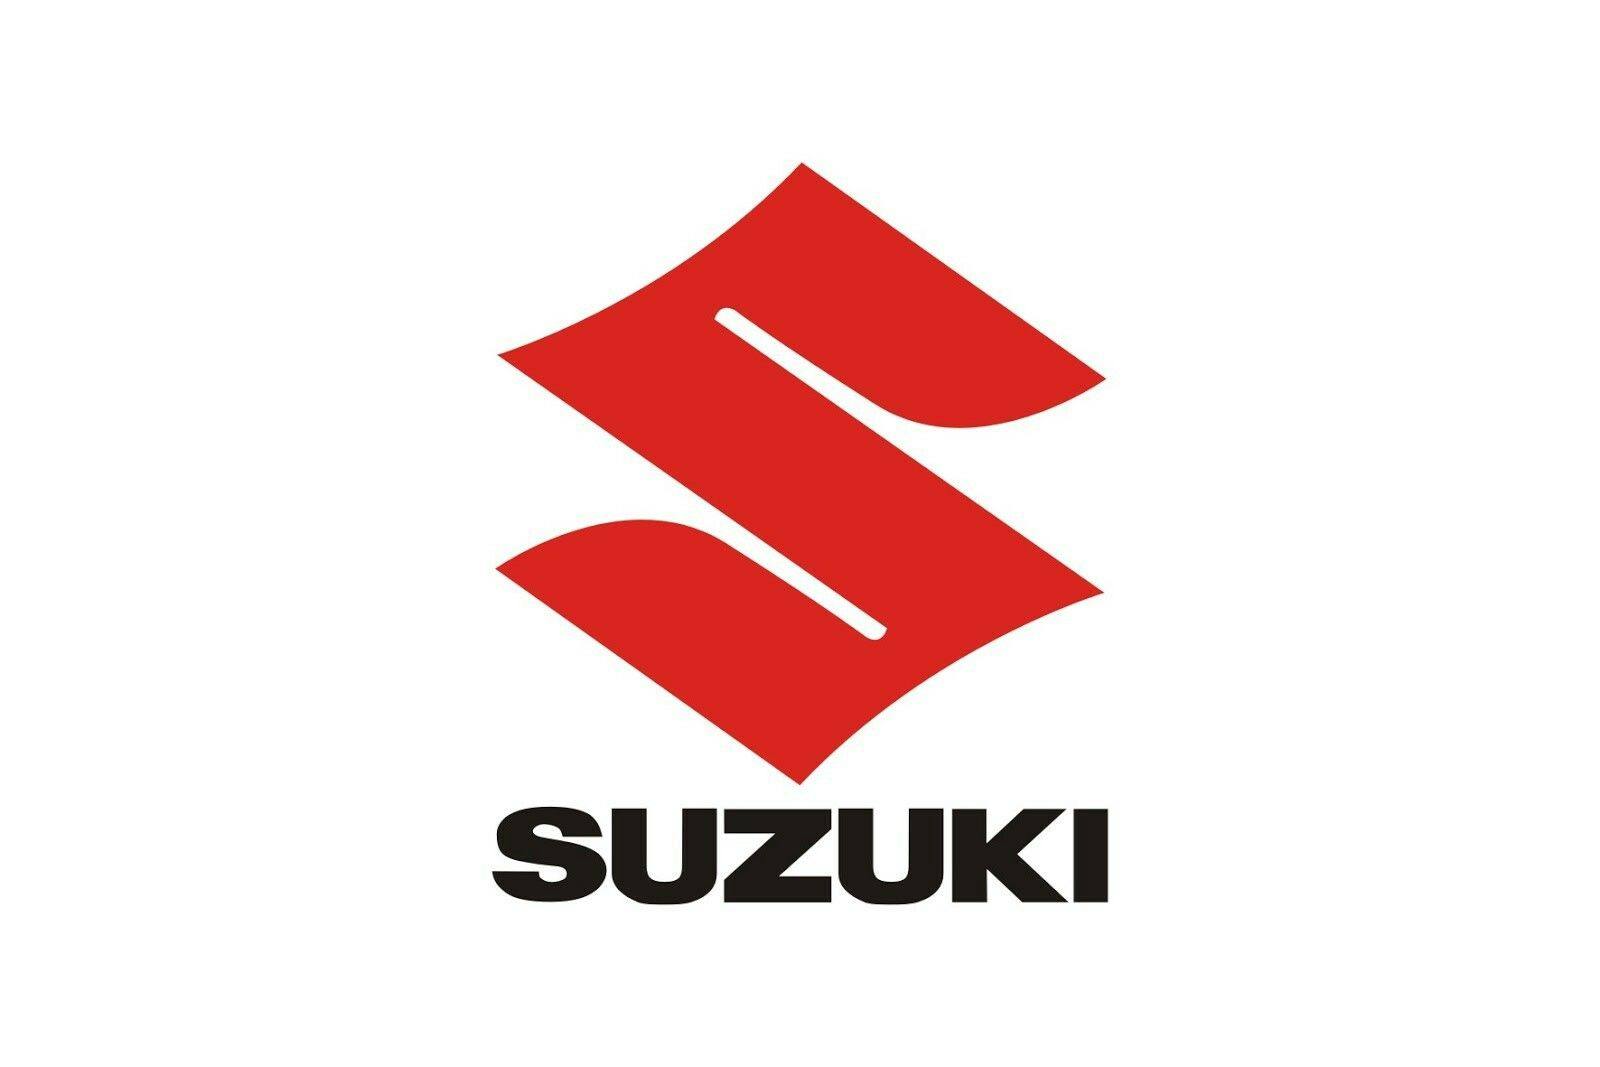 Suzuki logo suzuki car symbol meaning and history car brand suzuki logo suzuki car symbol meaning and history car brand biocorpaavc Gallery